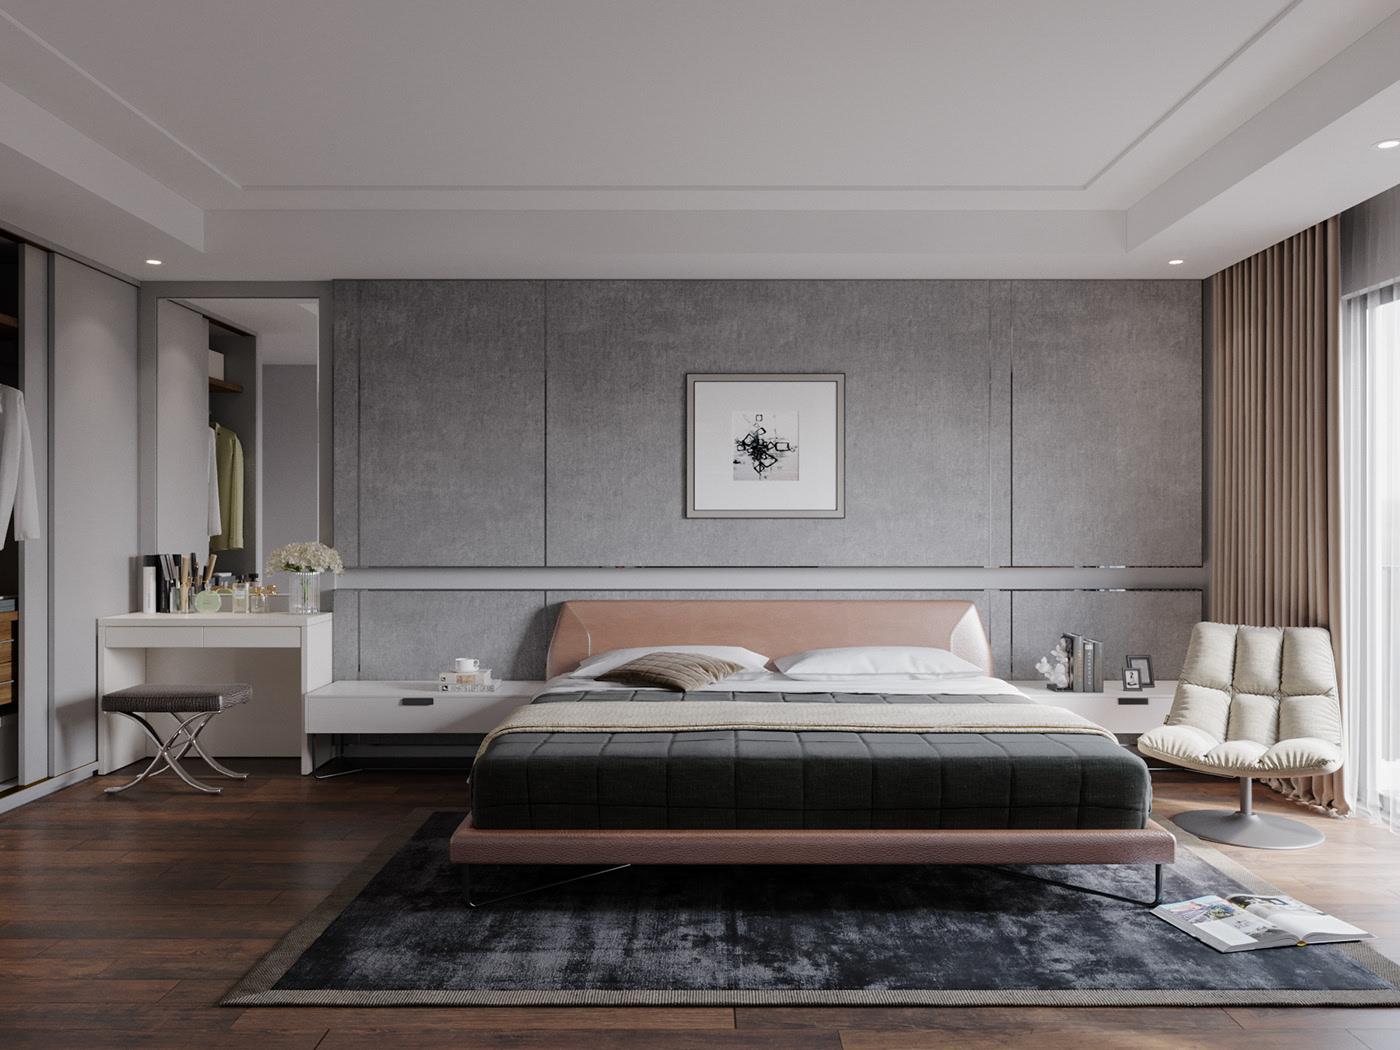 Tư vấn thiết kế nhà 2 tầng có diện tích 42m² gồm 2 phòng ngủ hiện đại với chi phí 164 triệu đồng - Ảnh 9.